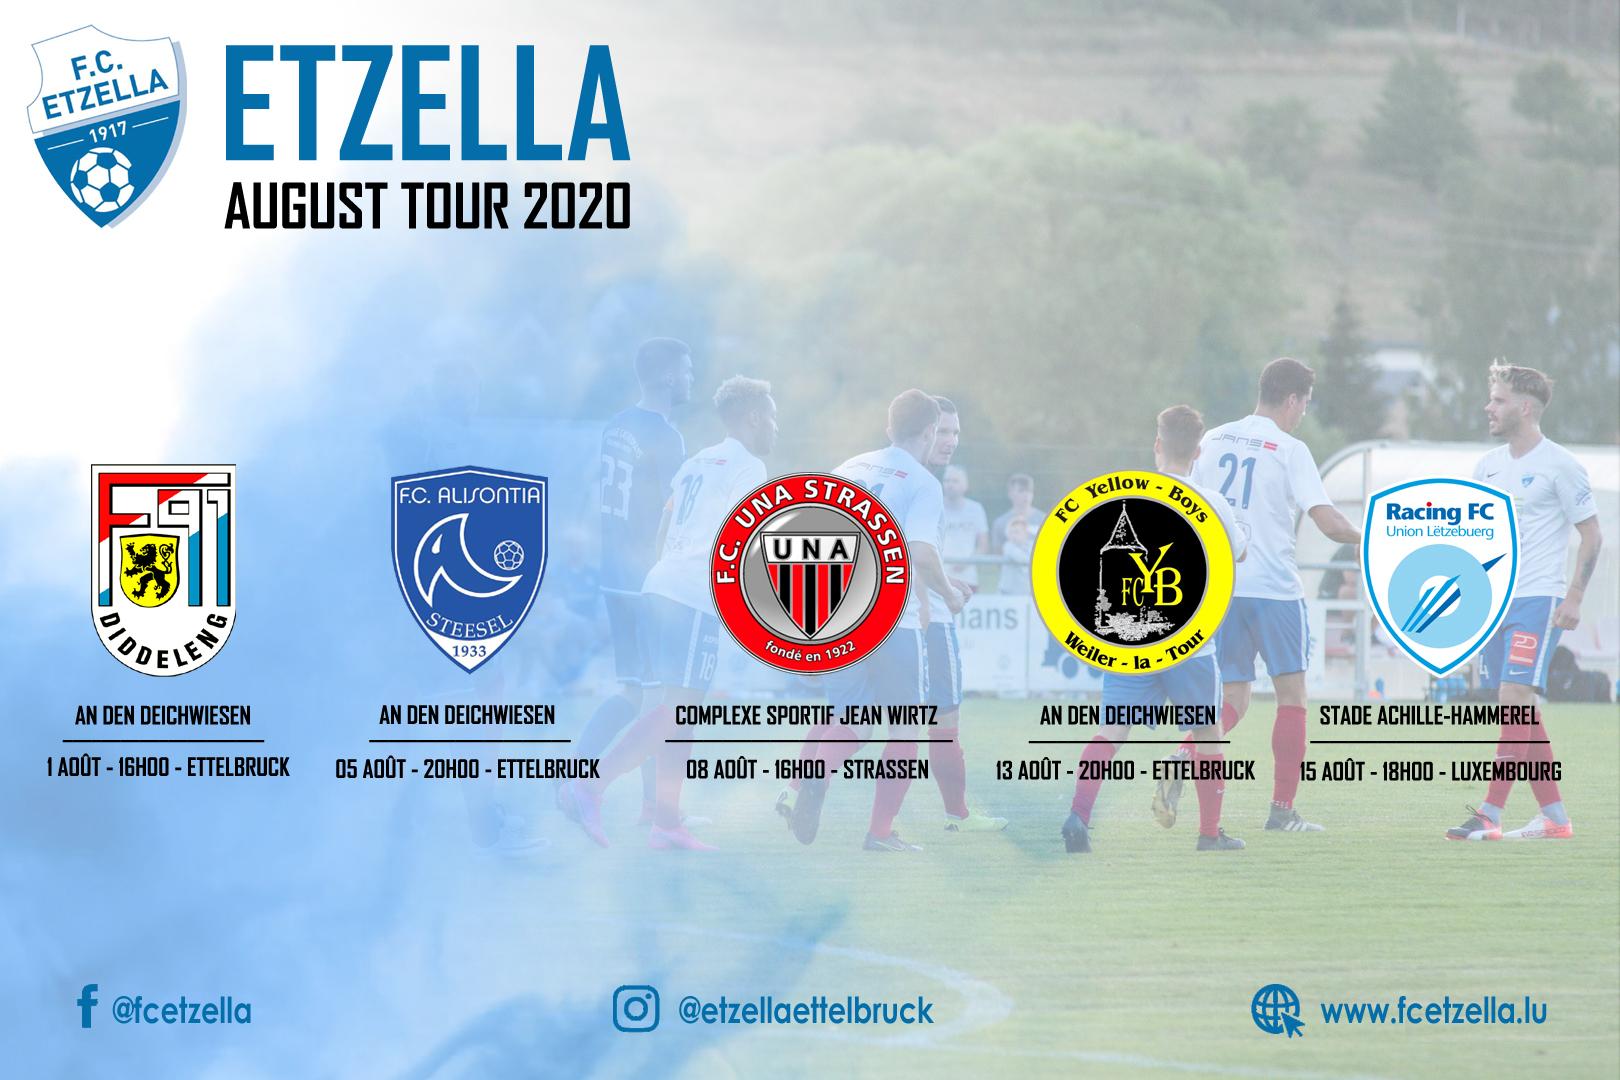 ETZELLA AUGUST TOUR 2020